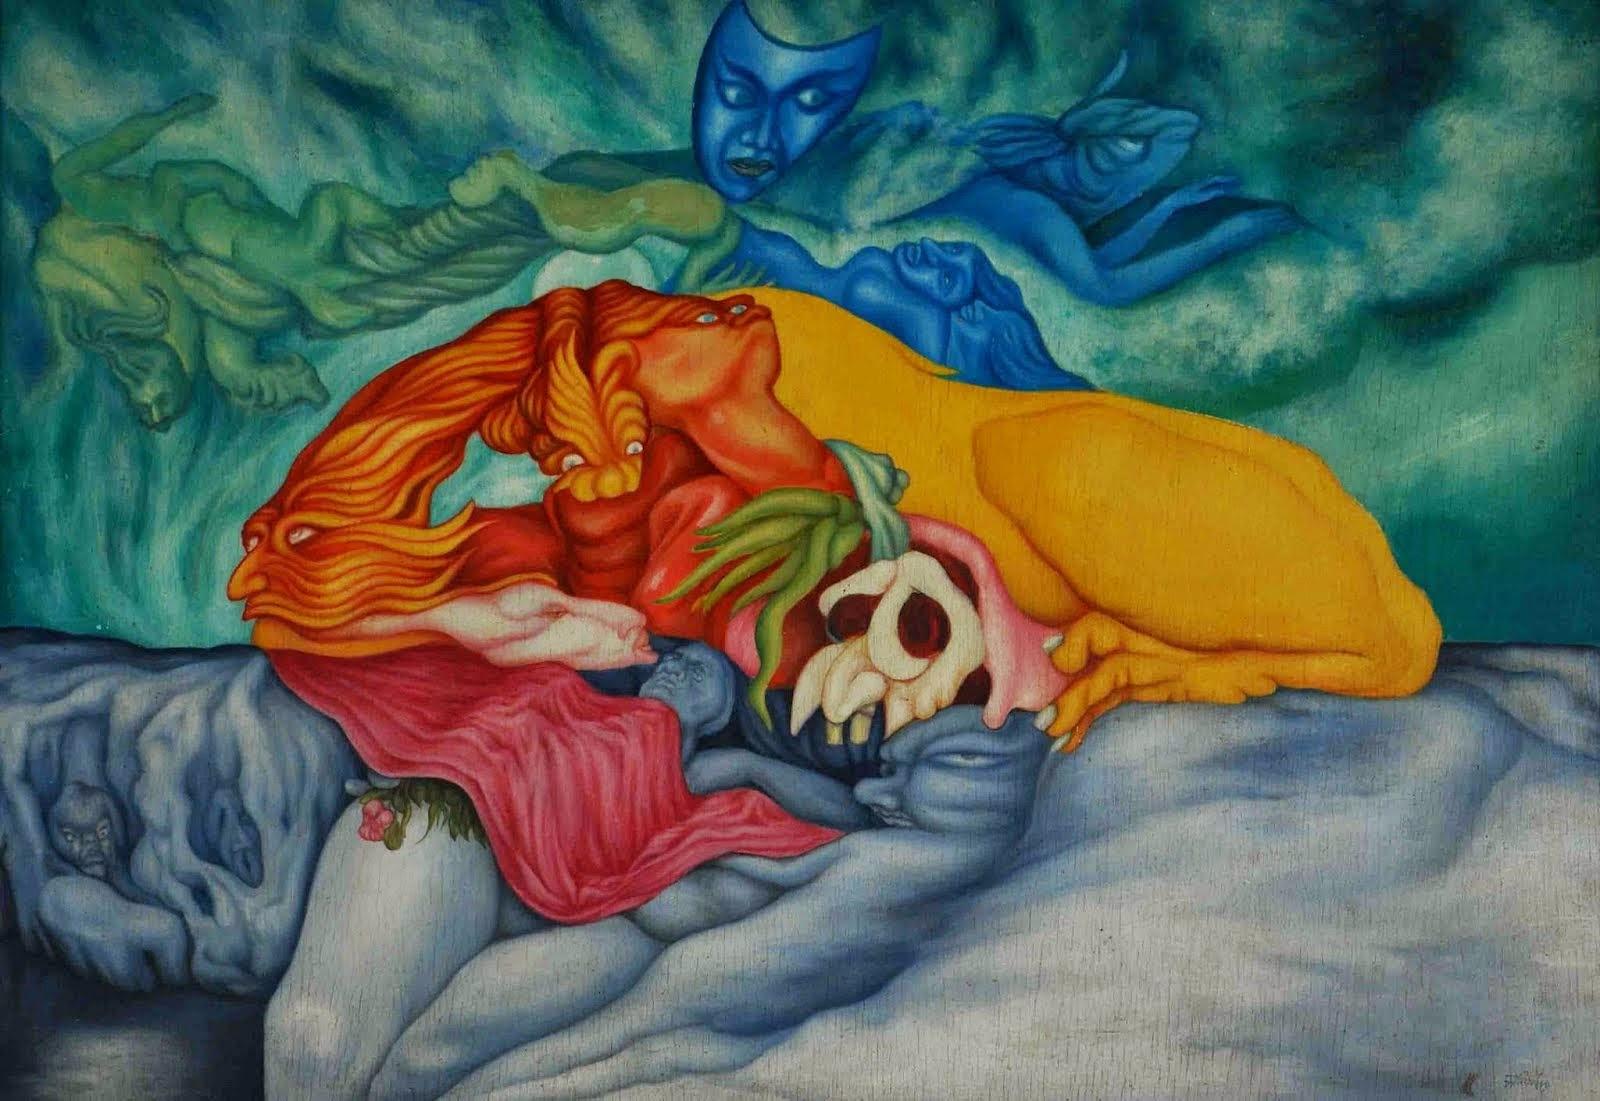 Hungryalist artist Anil Karanjai's painting